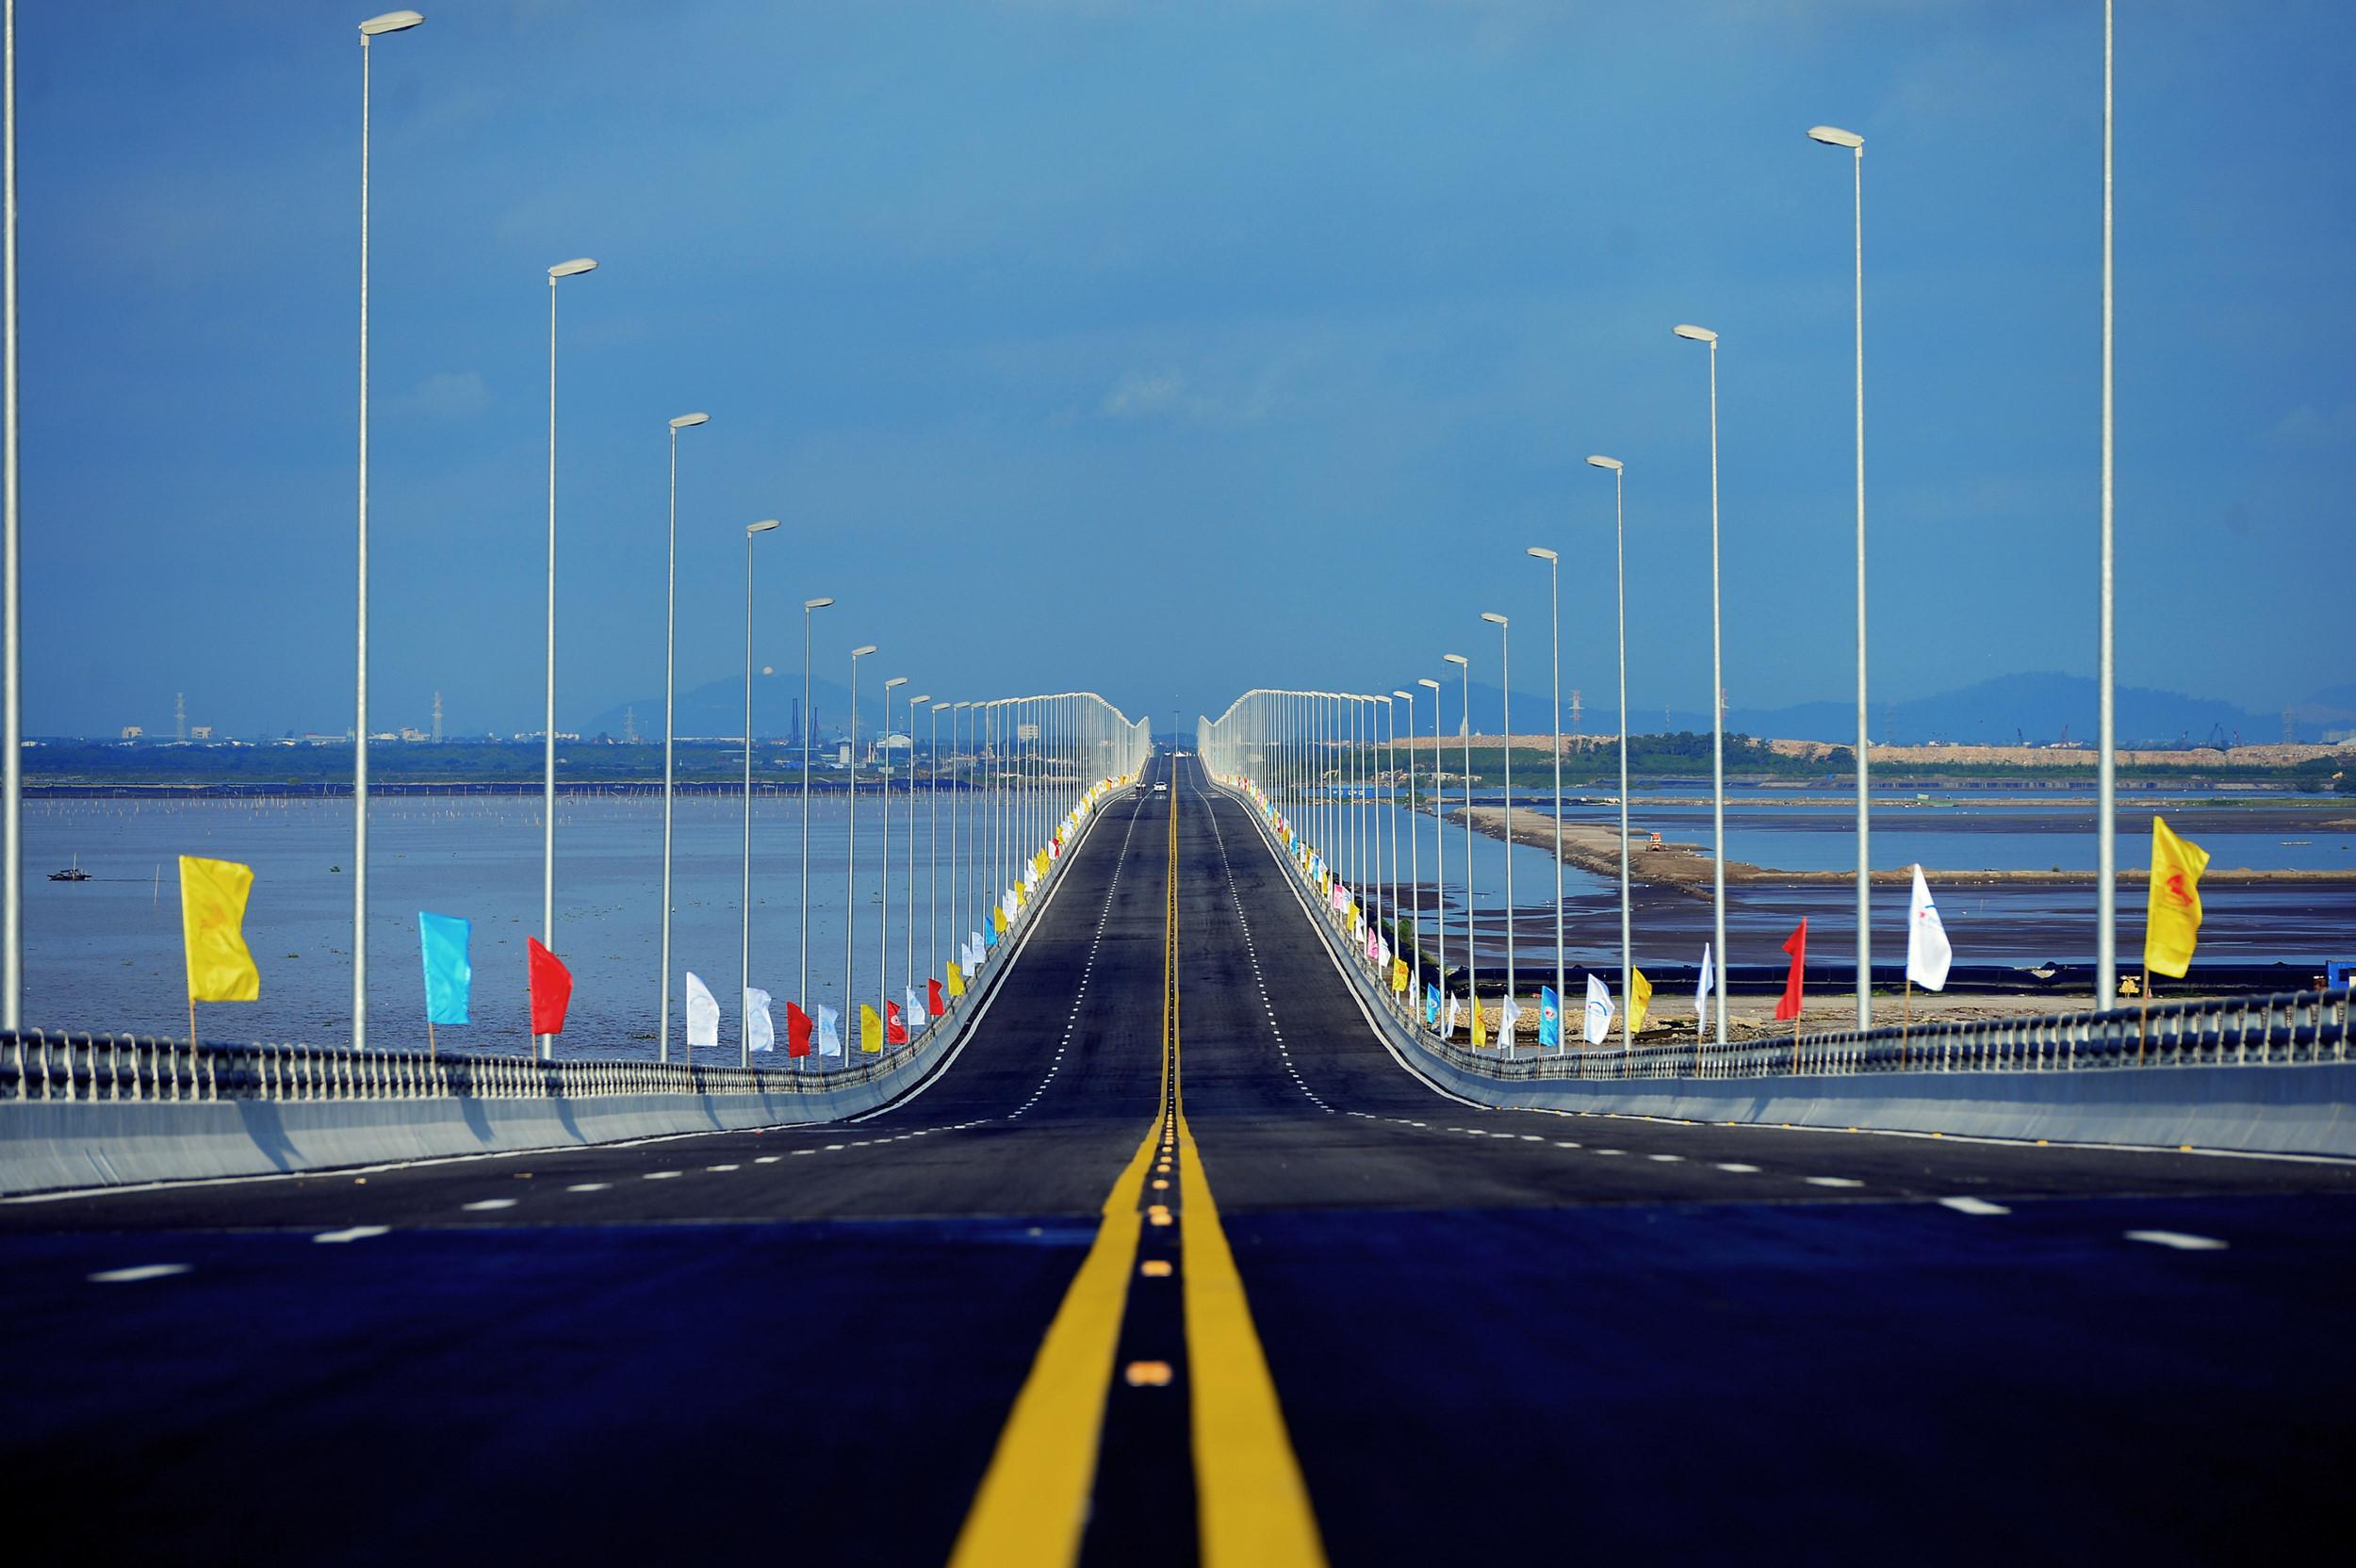 Dự án Đầu tư xây dựng đường cao tốc đoạn Biên Hòa - Tân Thành - cụm cảng Cái Mép, Thị Vải